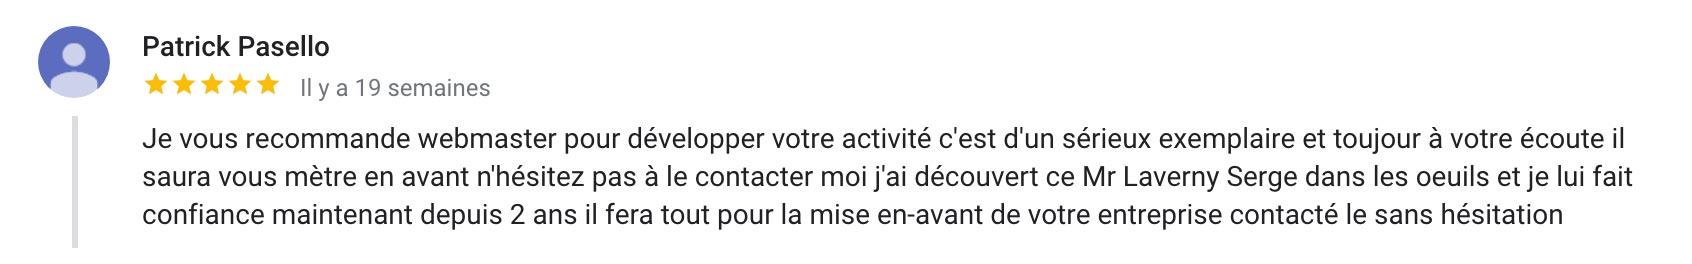 webmaster à Toulouse et avis client de webmasterautop